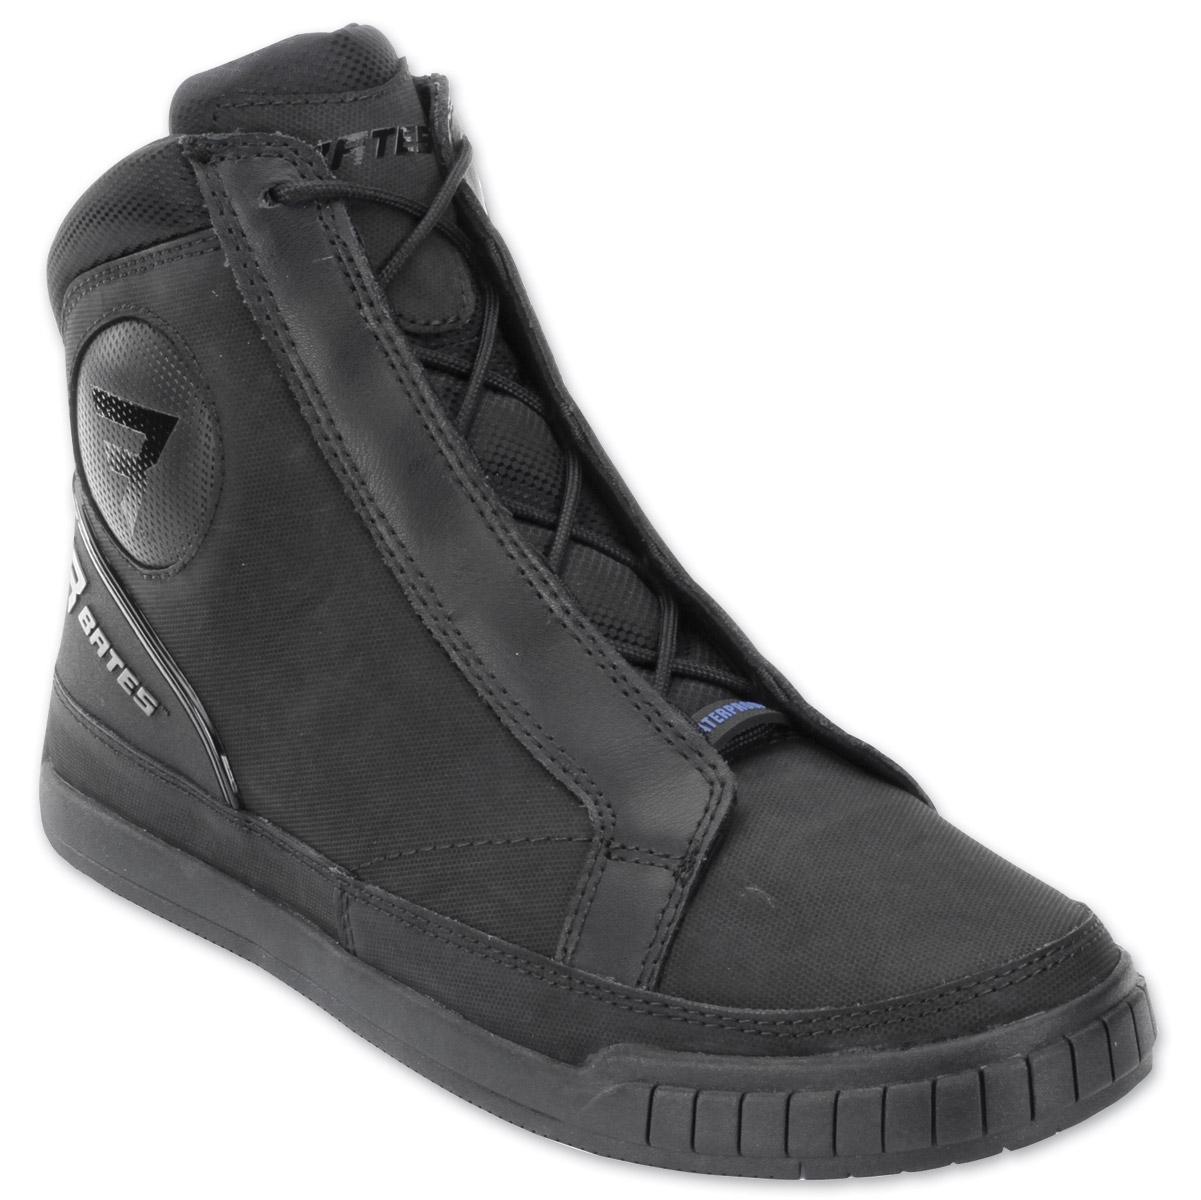 Bates Men's Taser Black Leather Boots